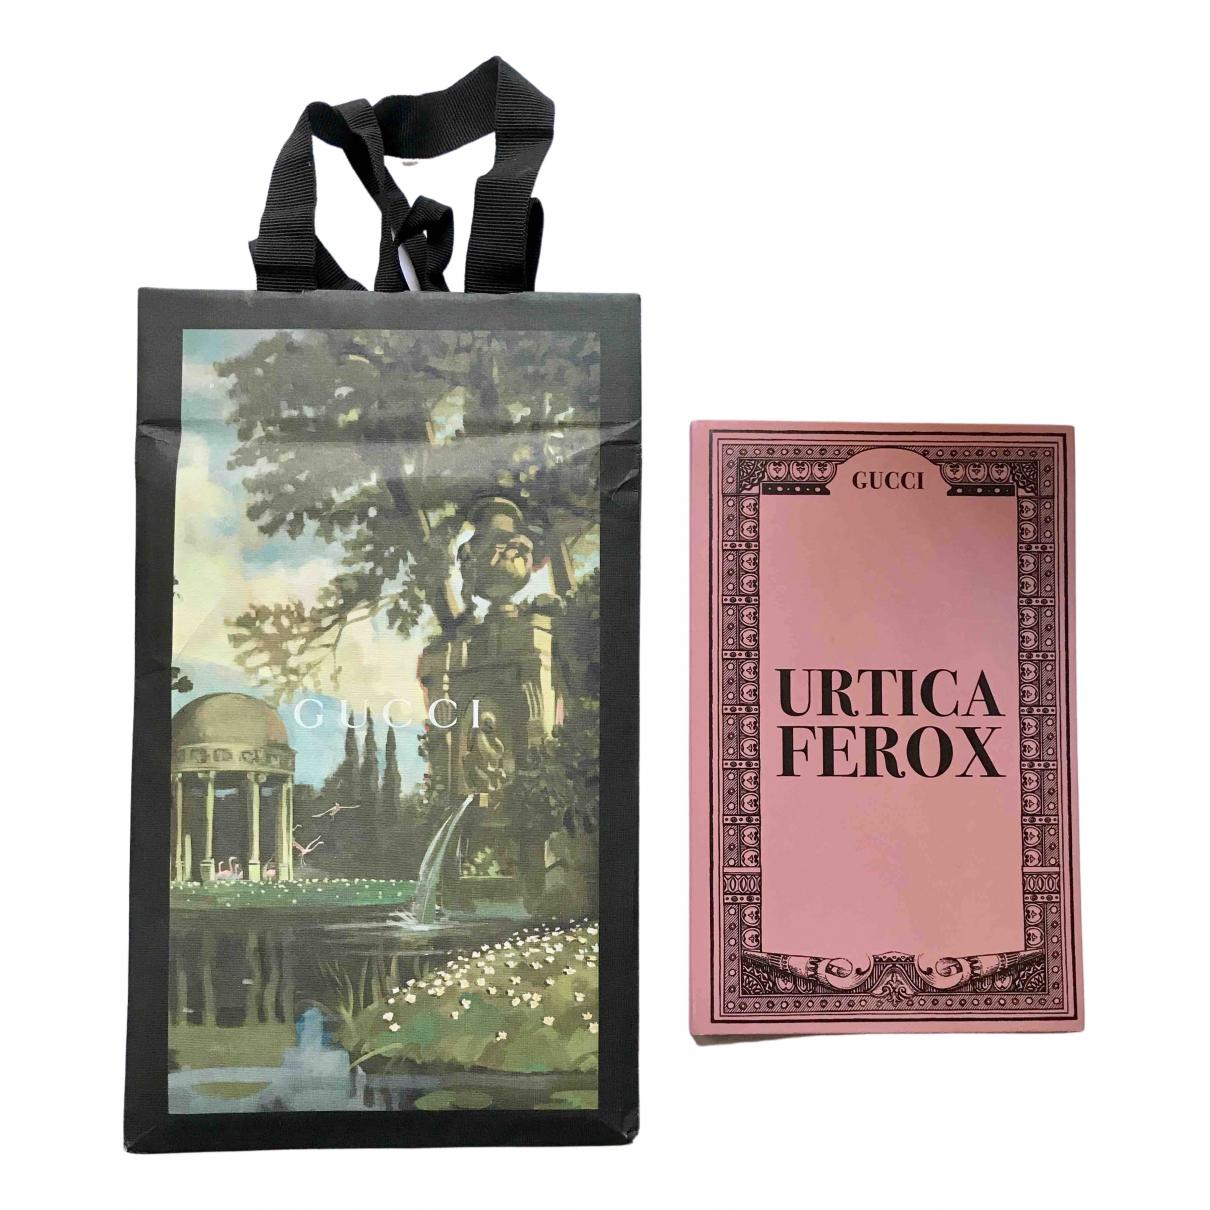 Gucci - Objets & Deco Urtica Ferox pour lifestyle en coton - rose